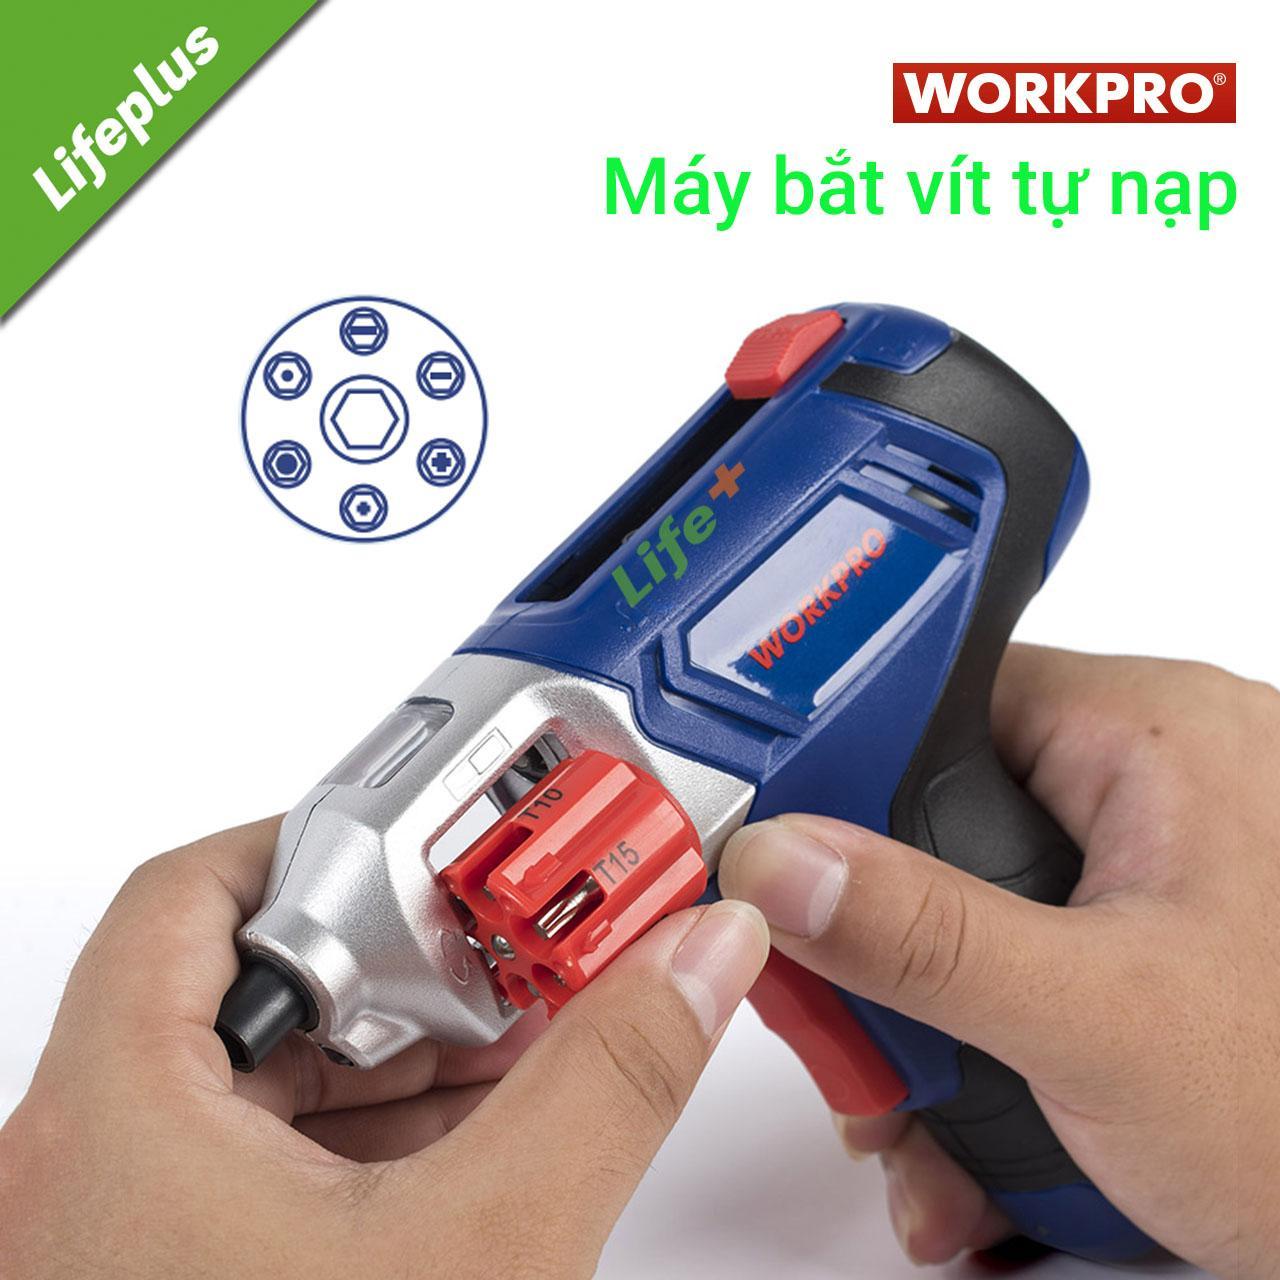 Máy bắt vít tự nạp ổ 6 kèm 12 đầu vít Workpro W121001